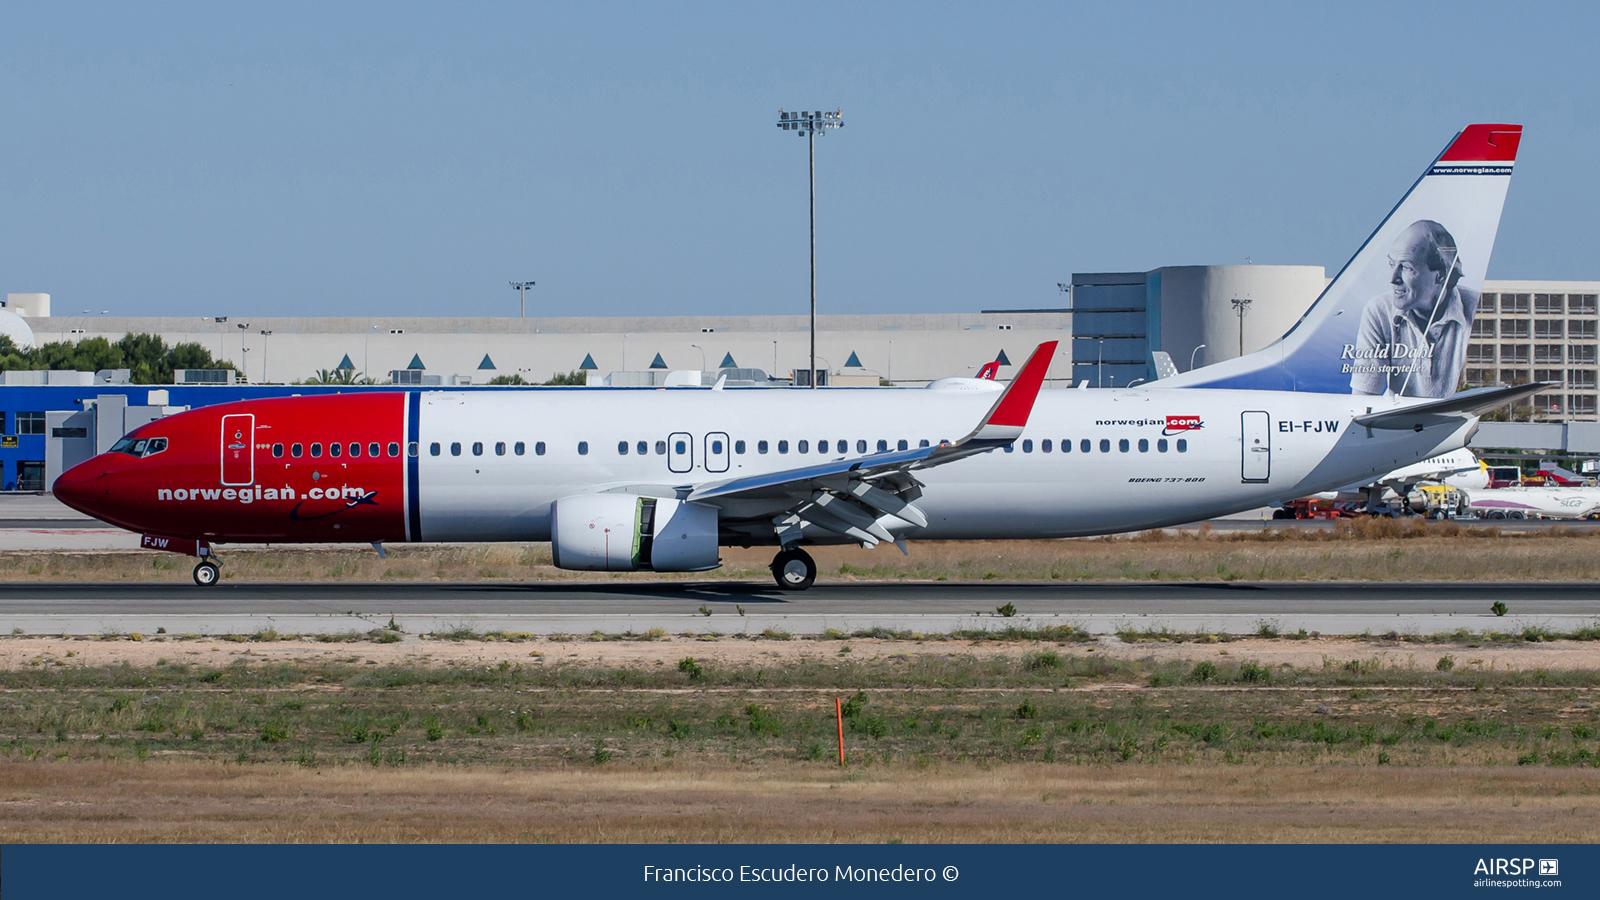 NorwegianBoeing 737-800EI-FJW